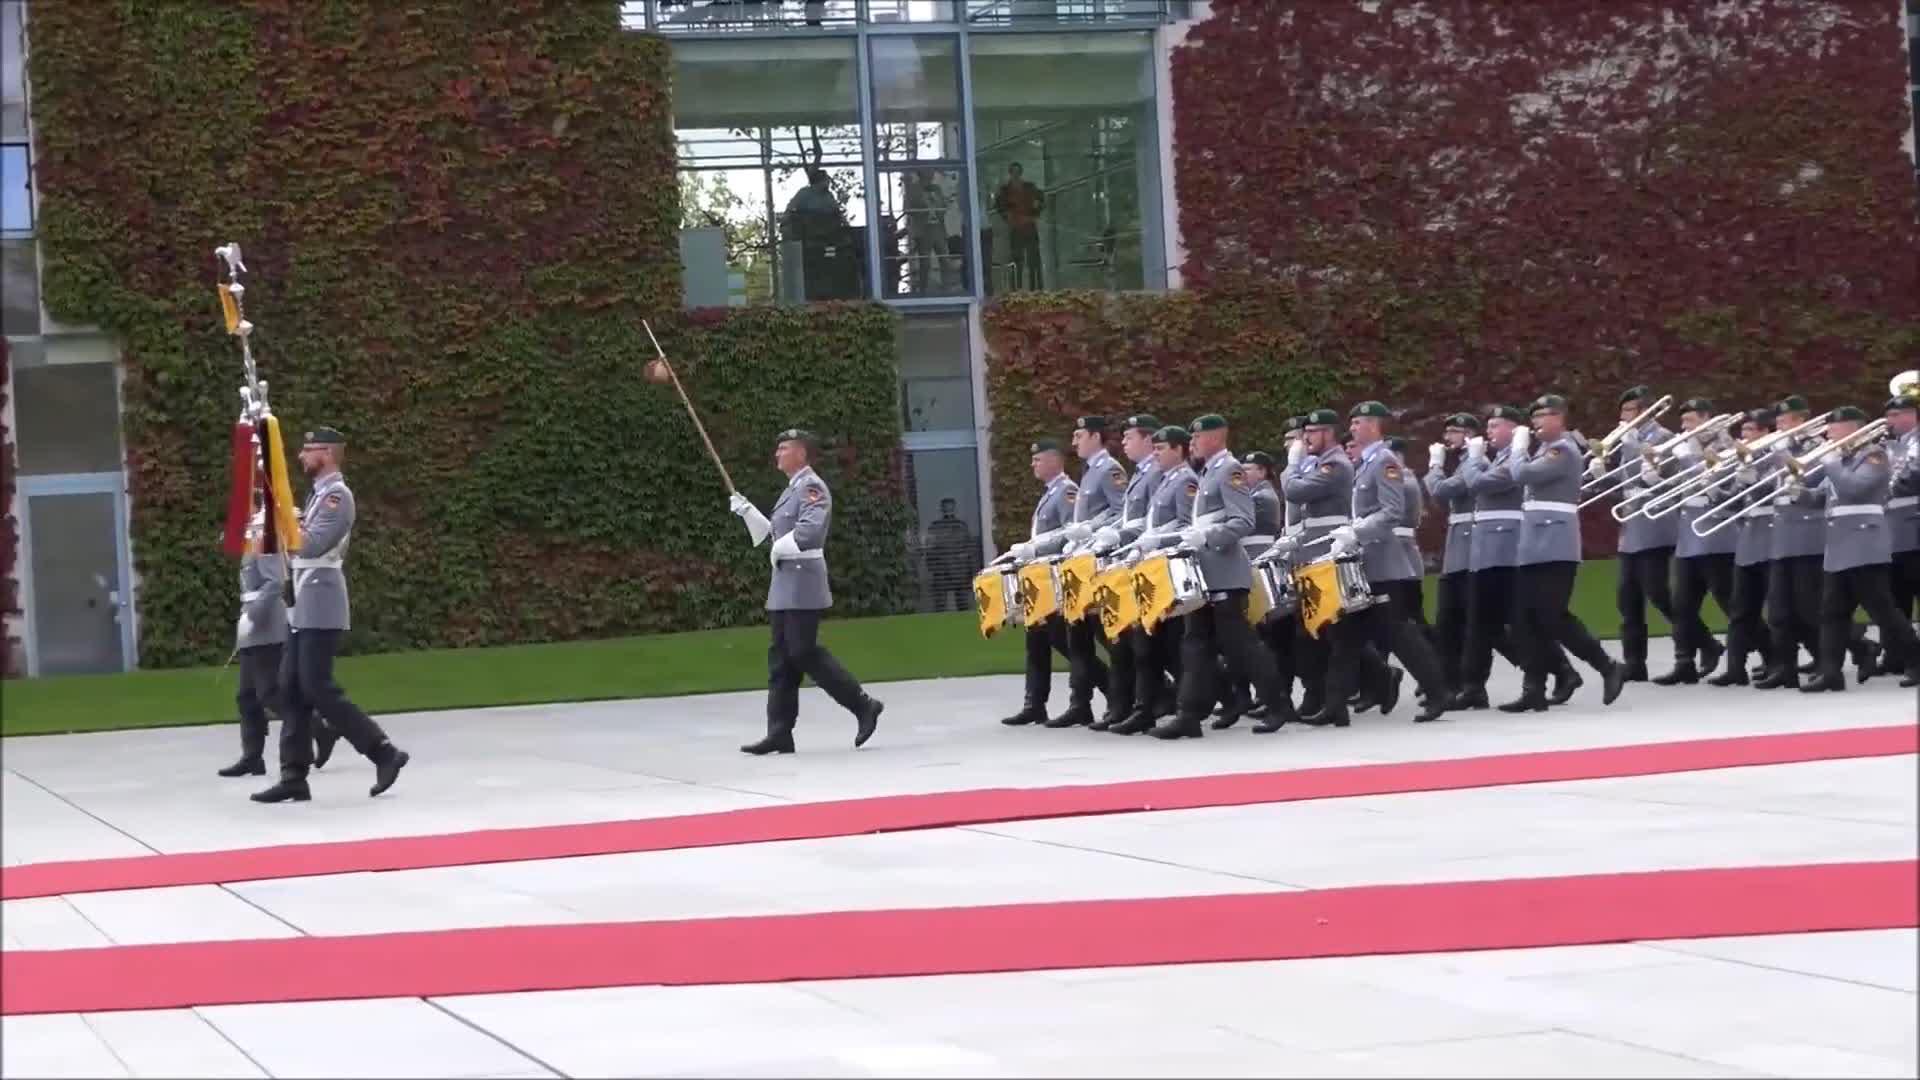 德国军乐仪仗队,他来了他来了,他们踏着整齐的步伐走来了!